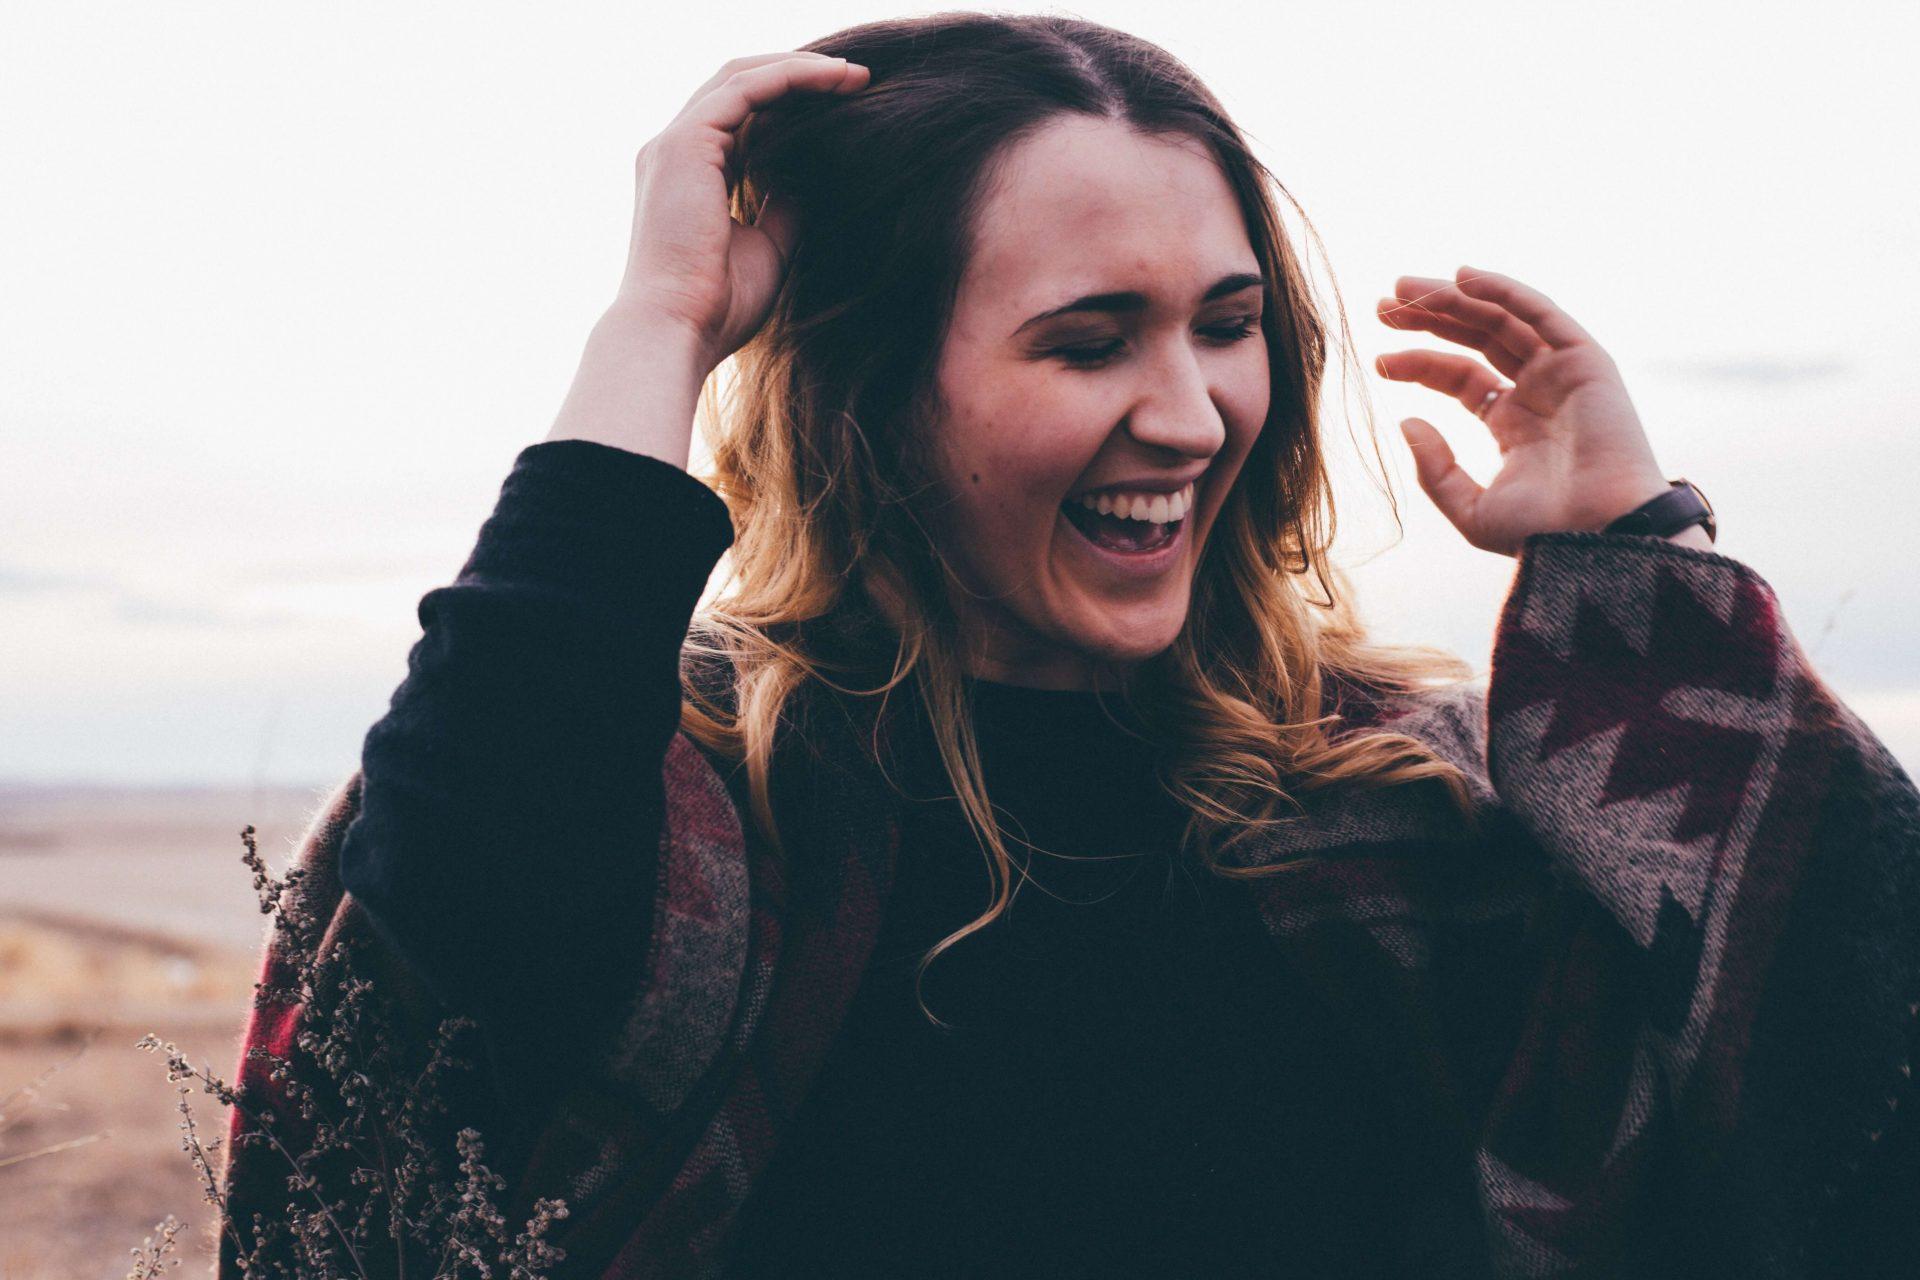 14 dicas para levantar a autoestima e se sentir MUITO BEM